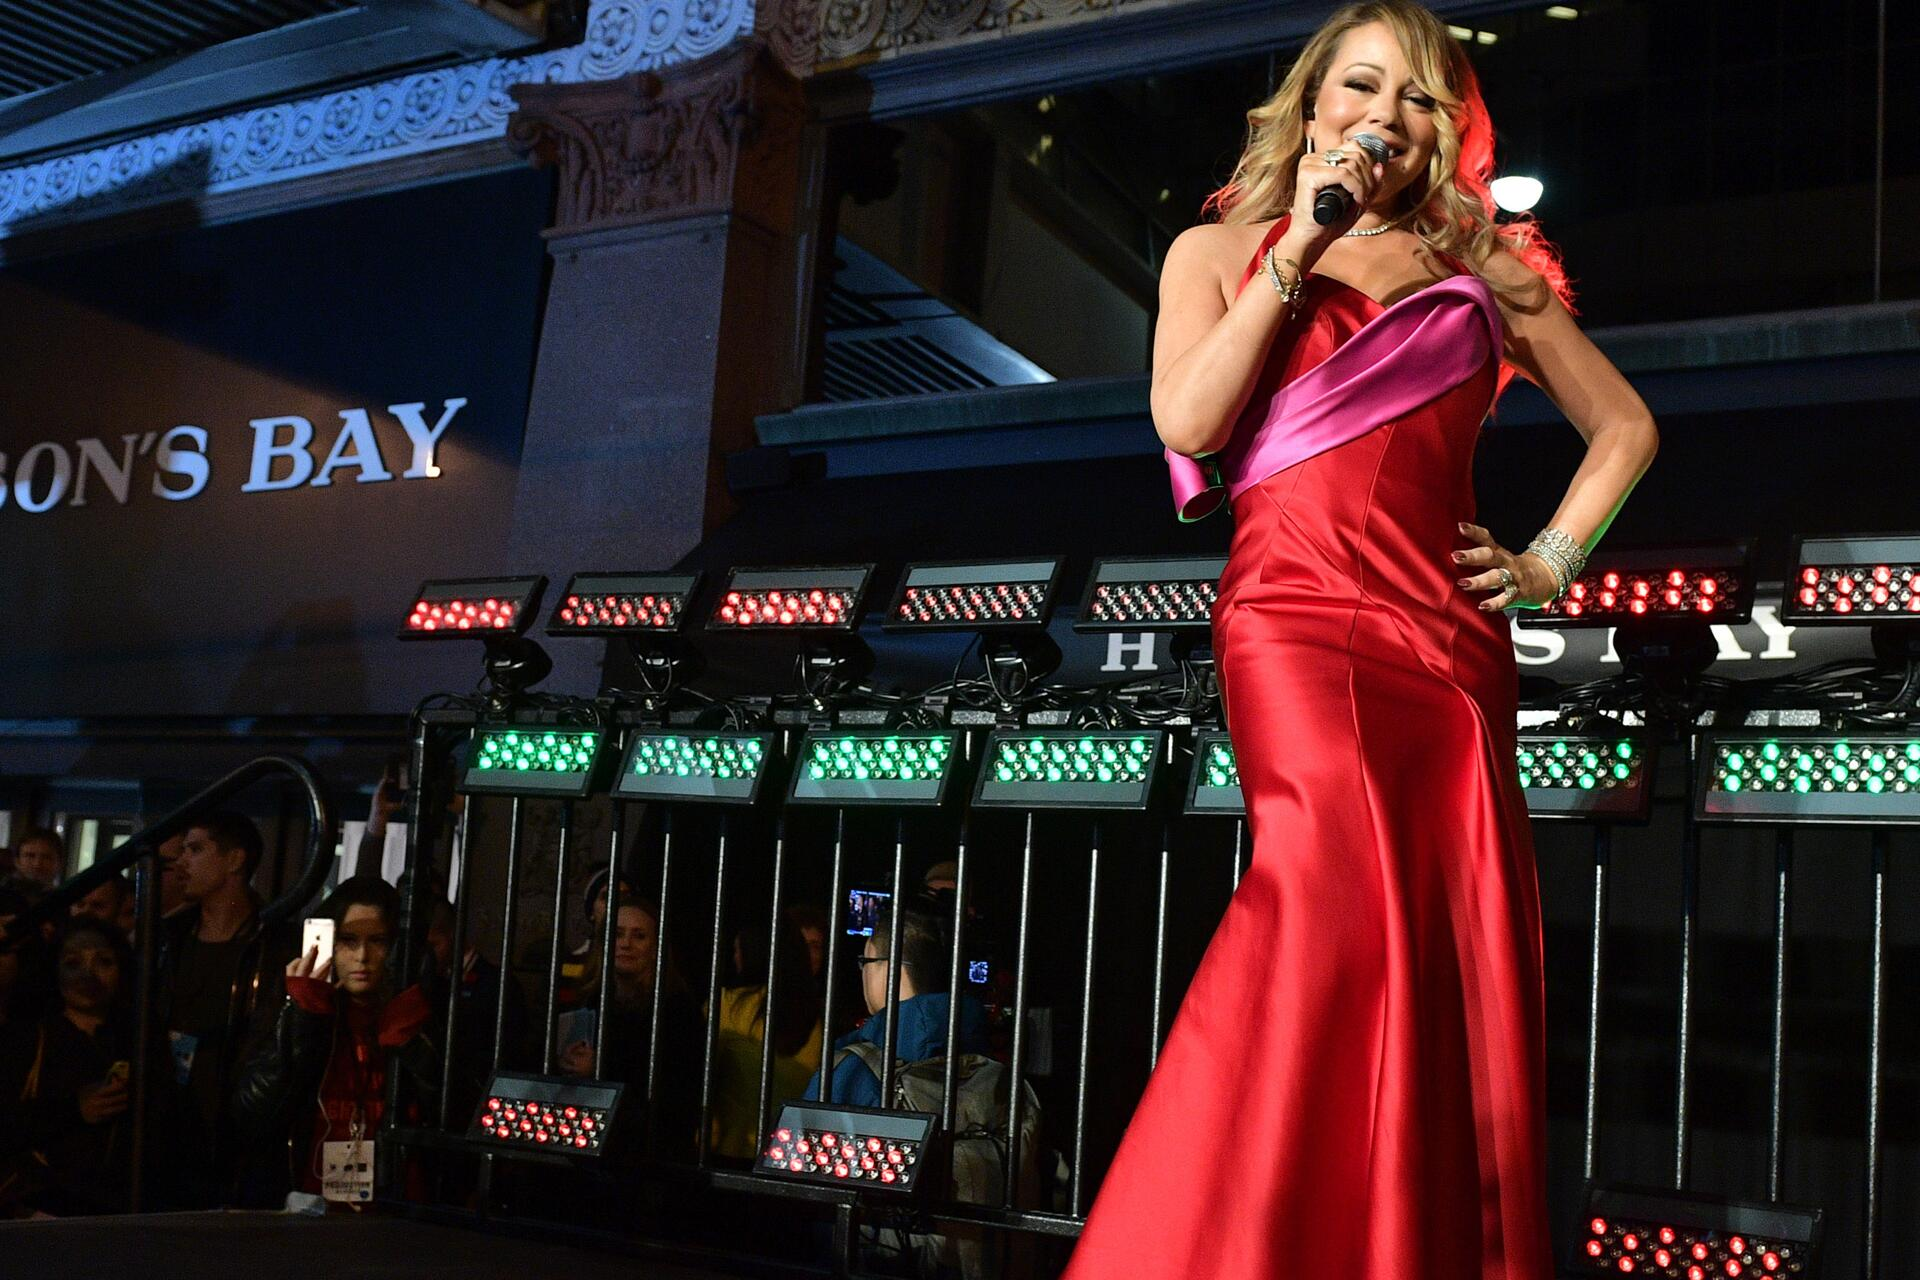 Bild zu Mariah Carey, The Hudson's Bay, Weihnachten